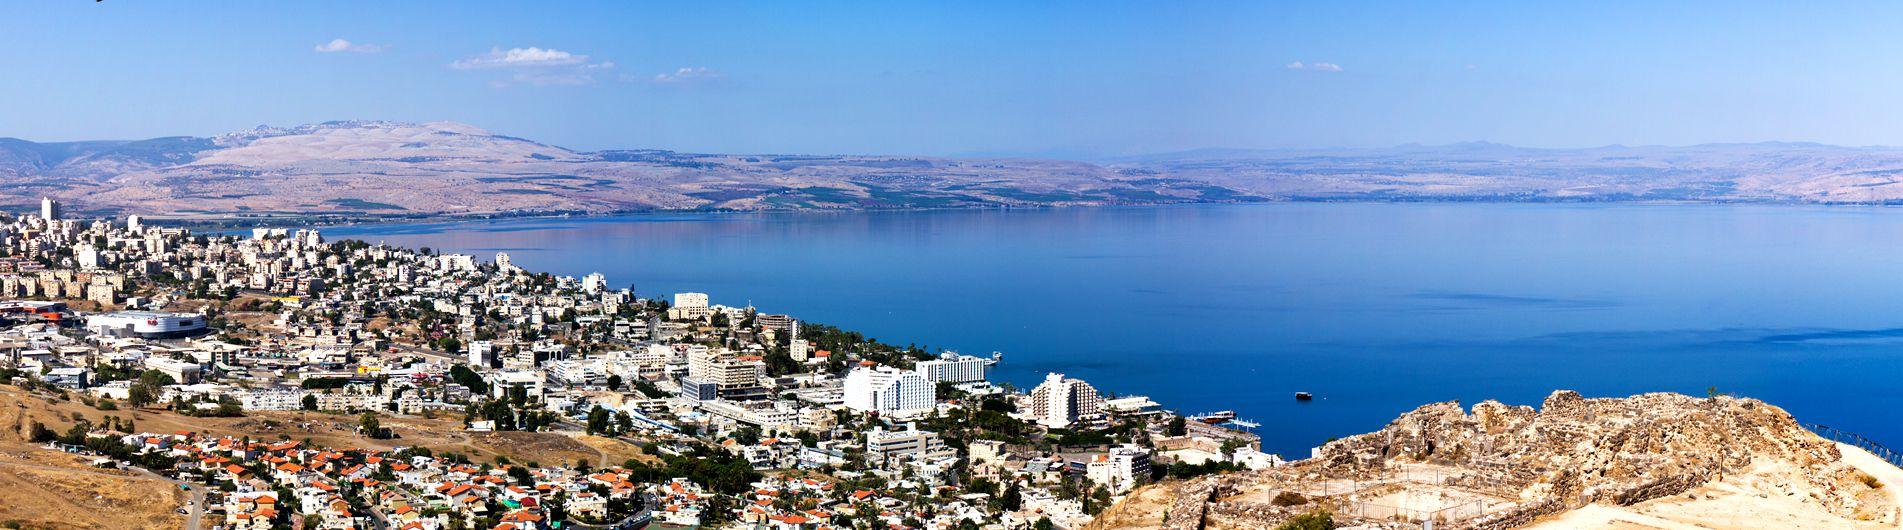 Tiberias Holidays